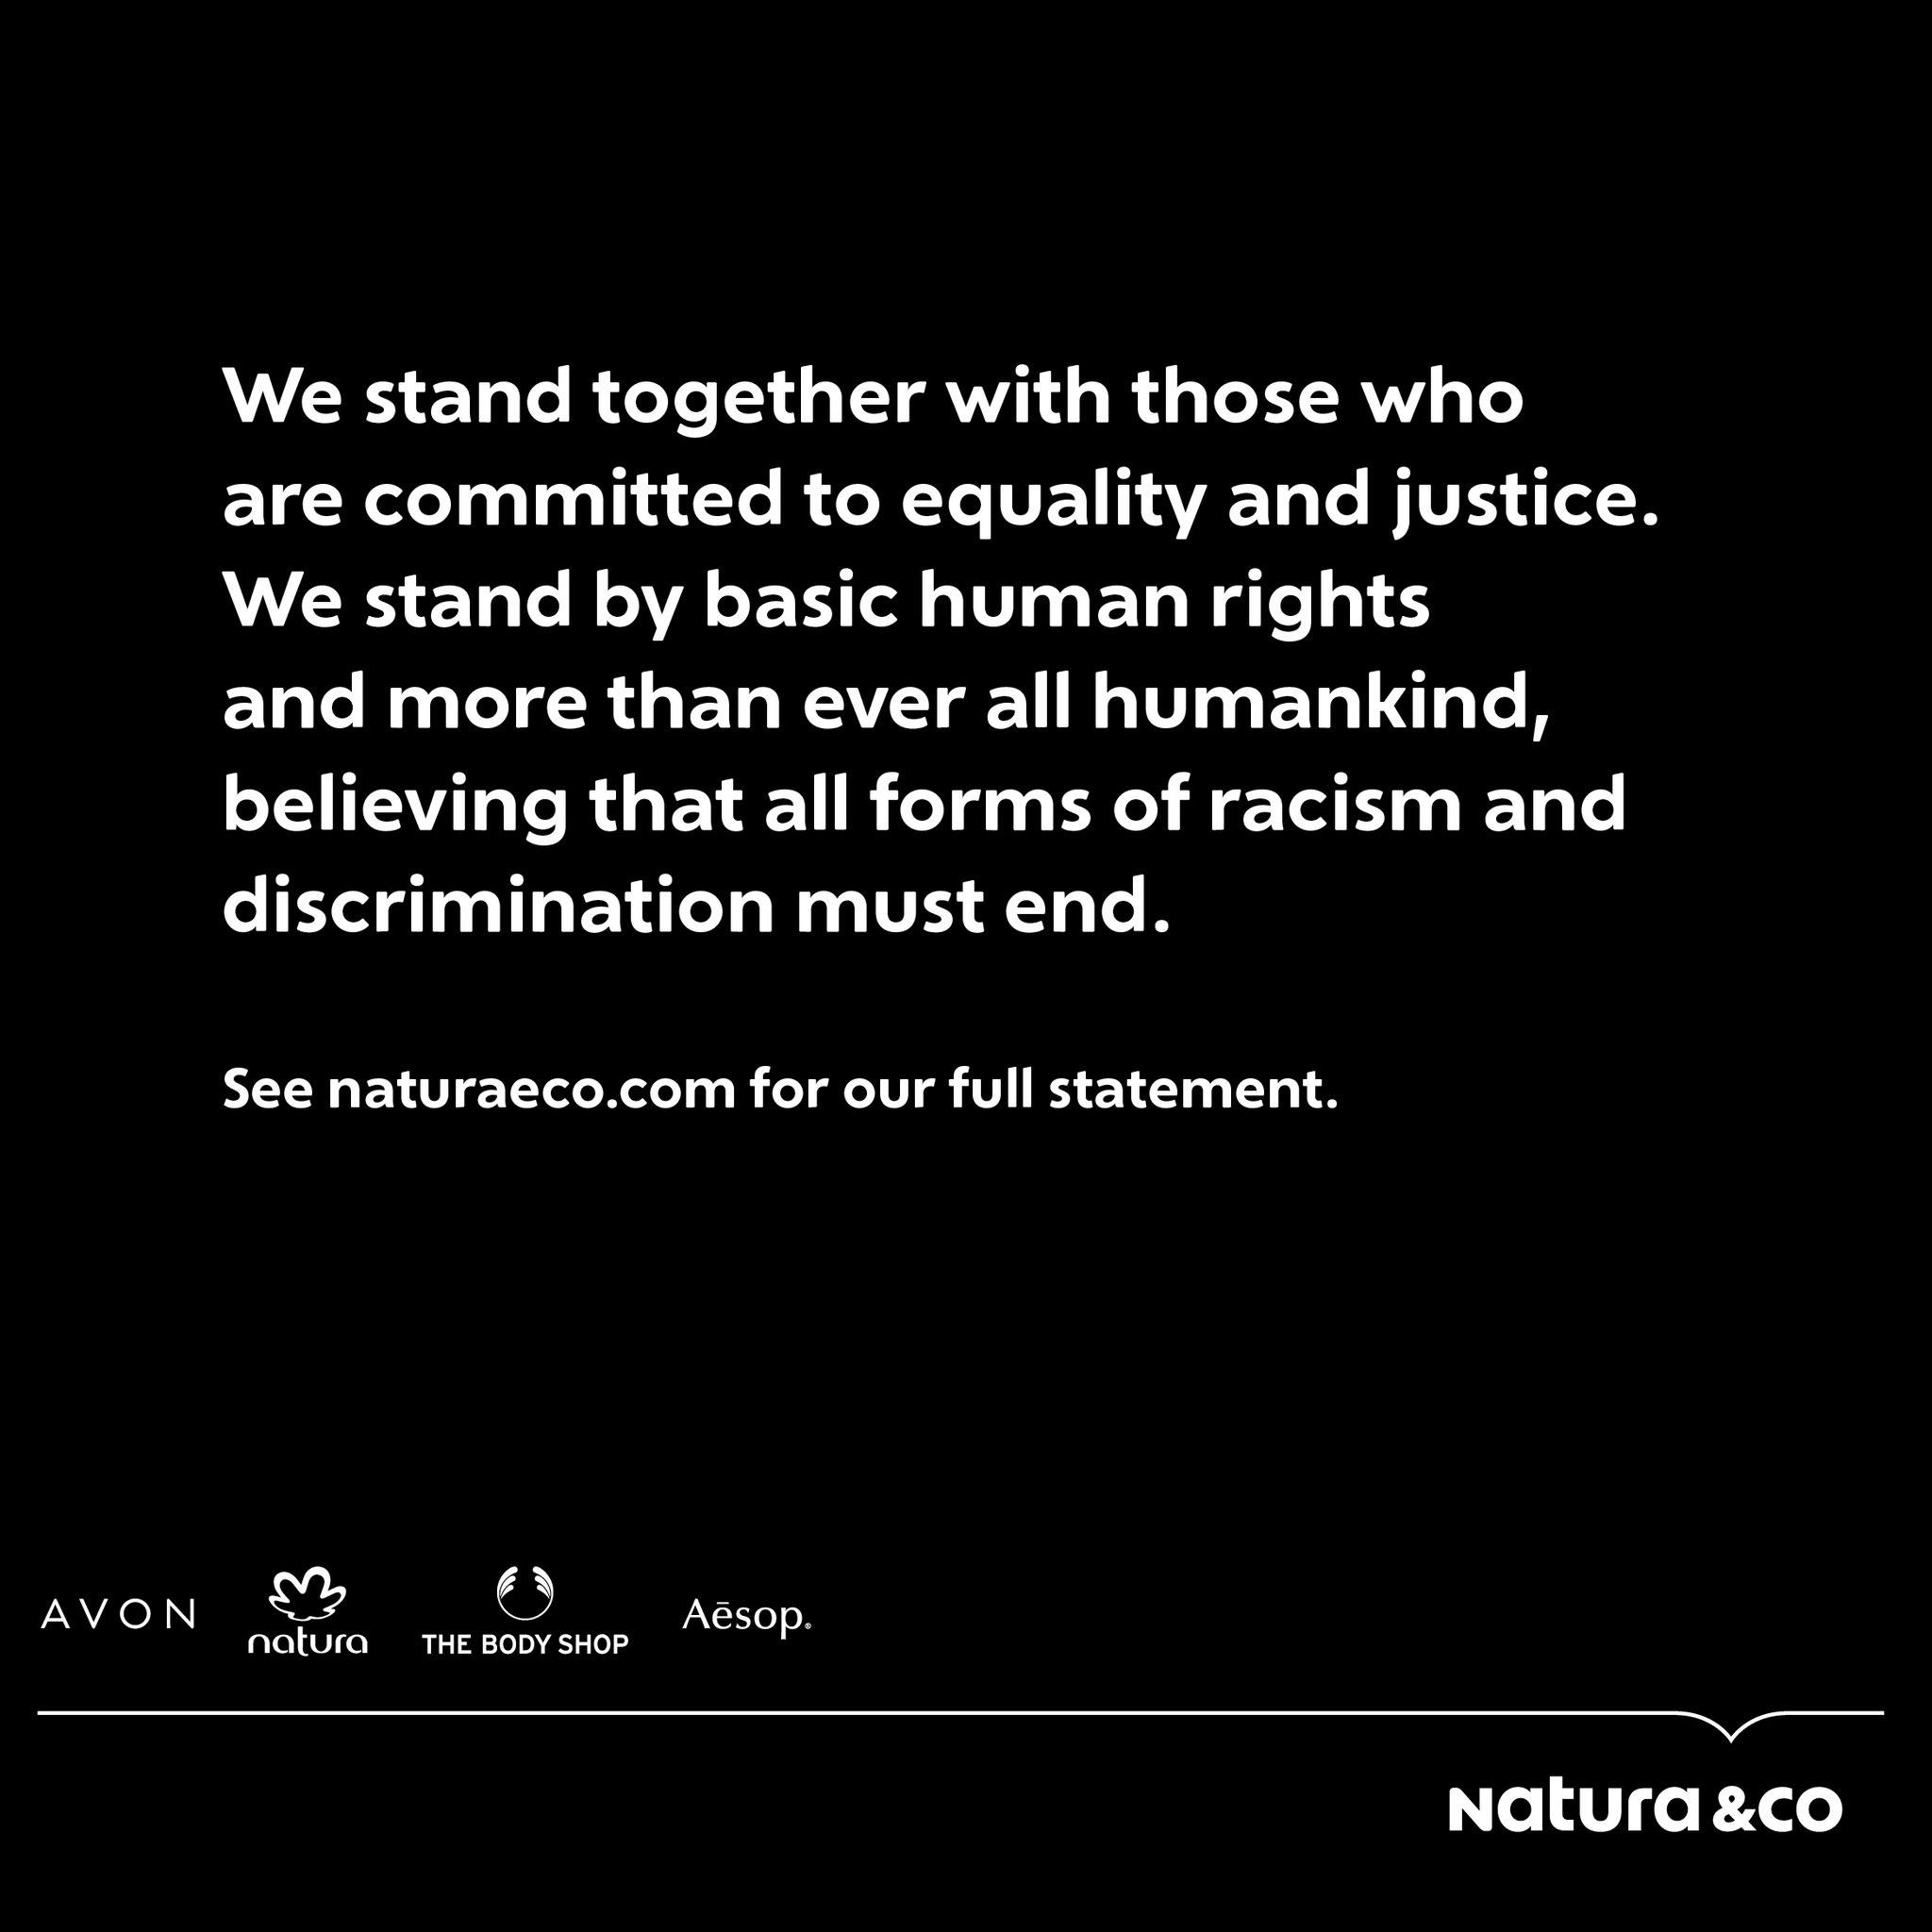 Natura statement